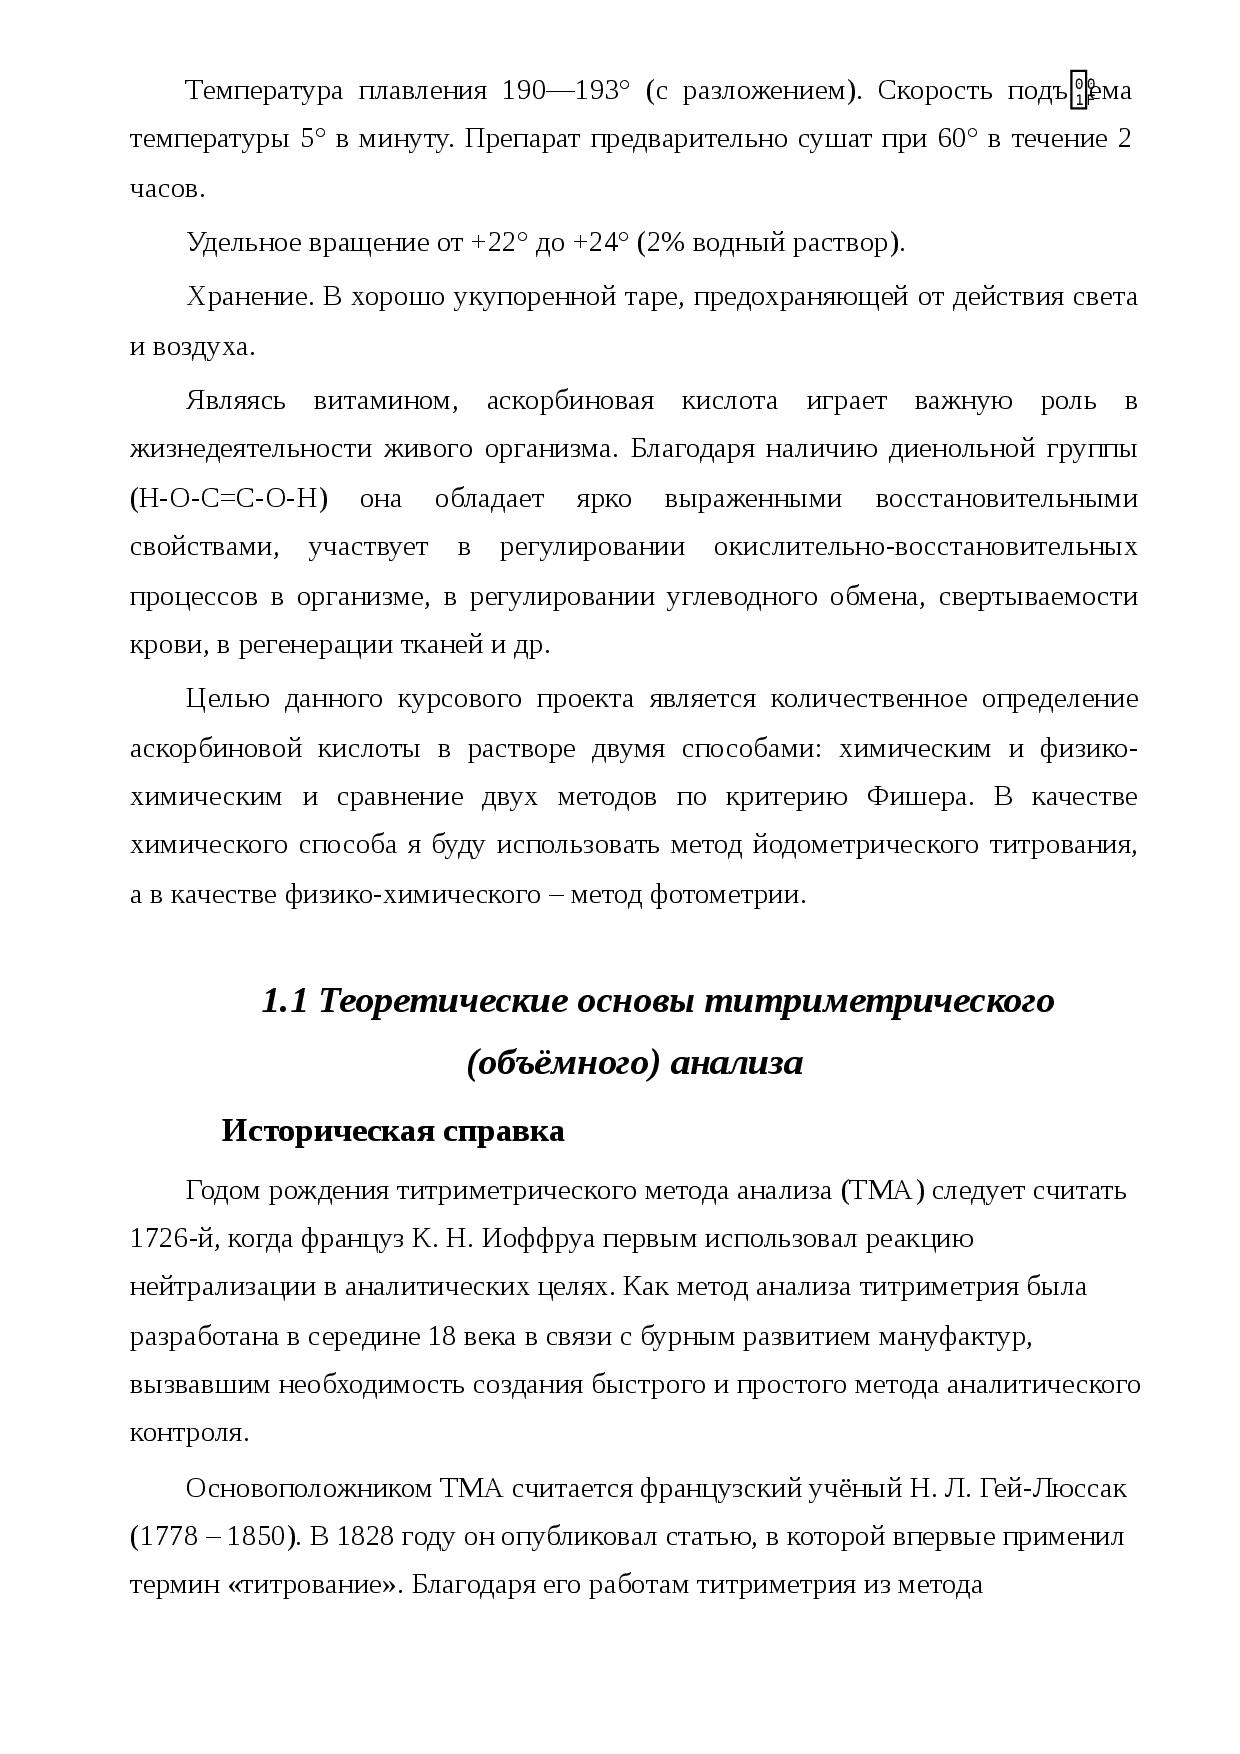 Кислотно-основное титрование